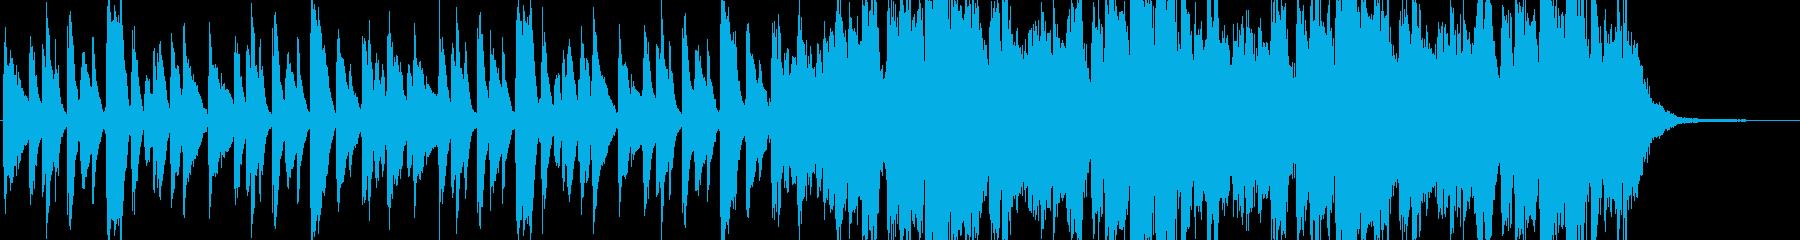 ジングル - おしゃれ雰囲気のピアノ曲の再生済みの波形